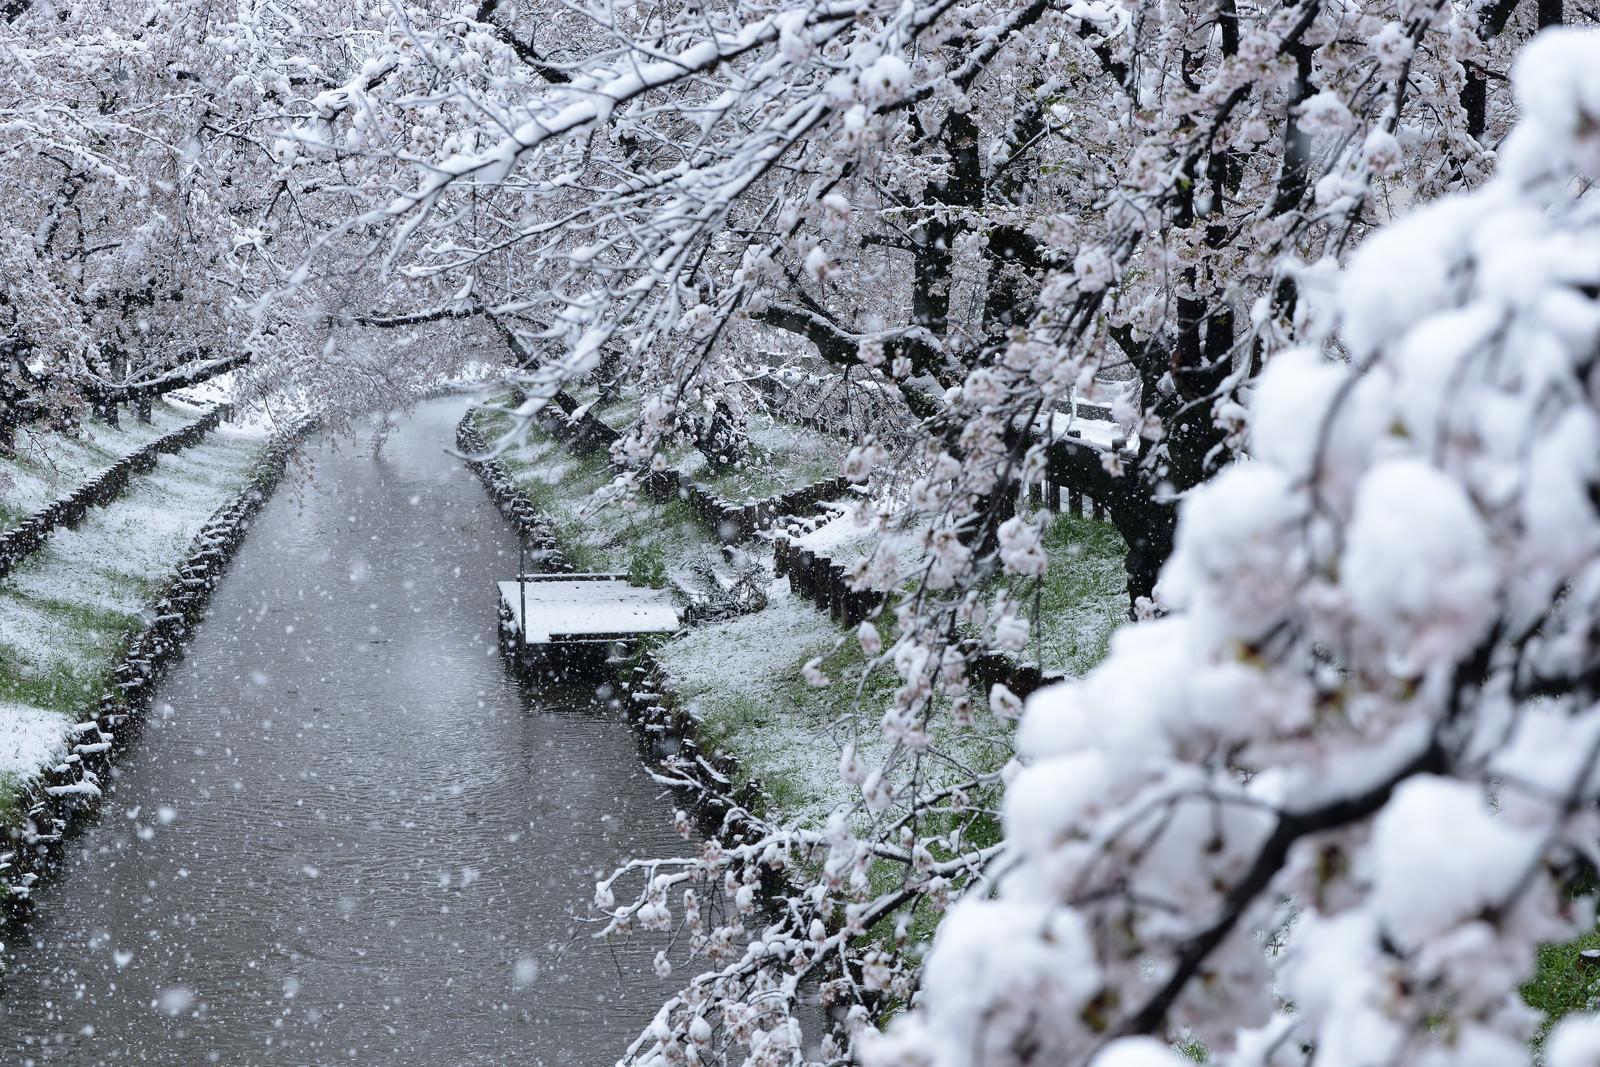 「桜満開の花見の時期に積雪」の写真